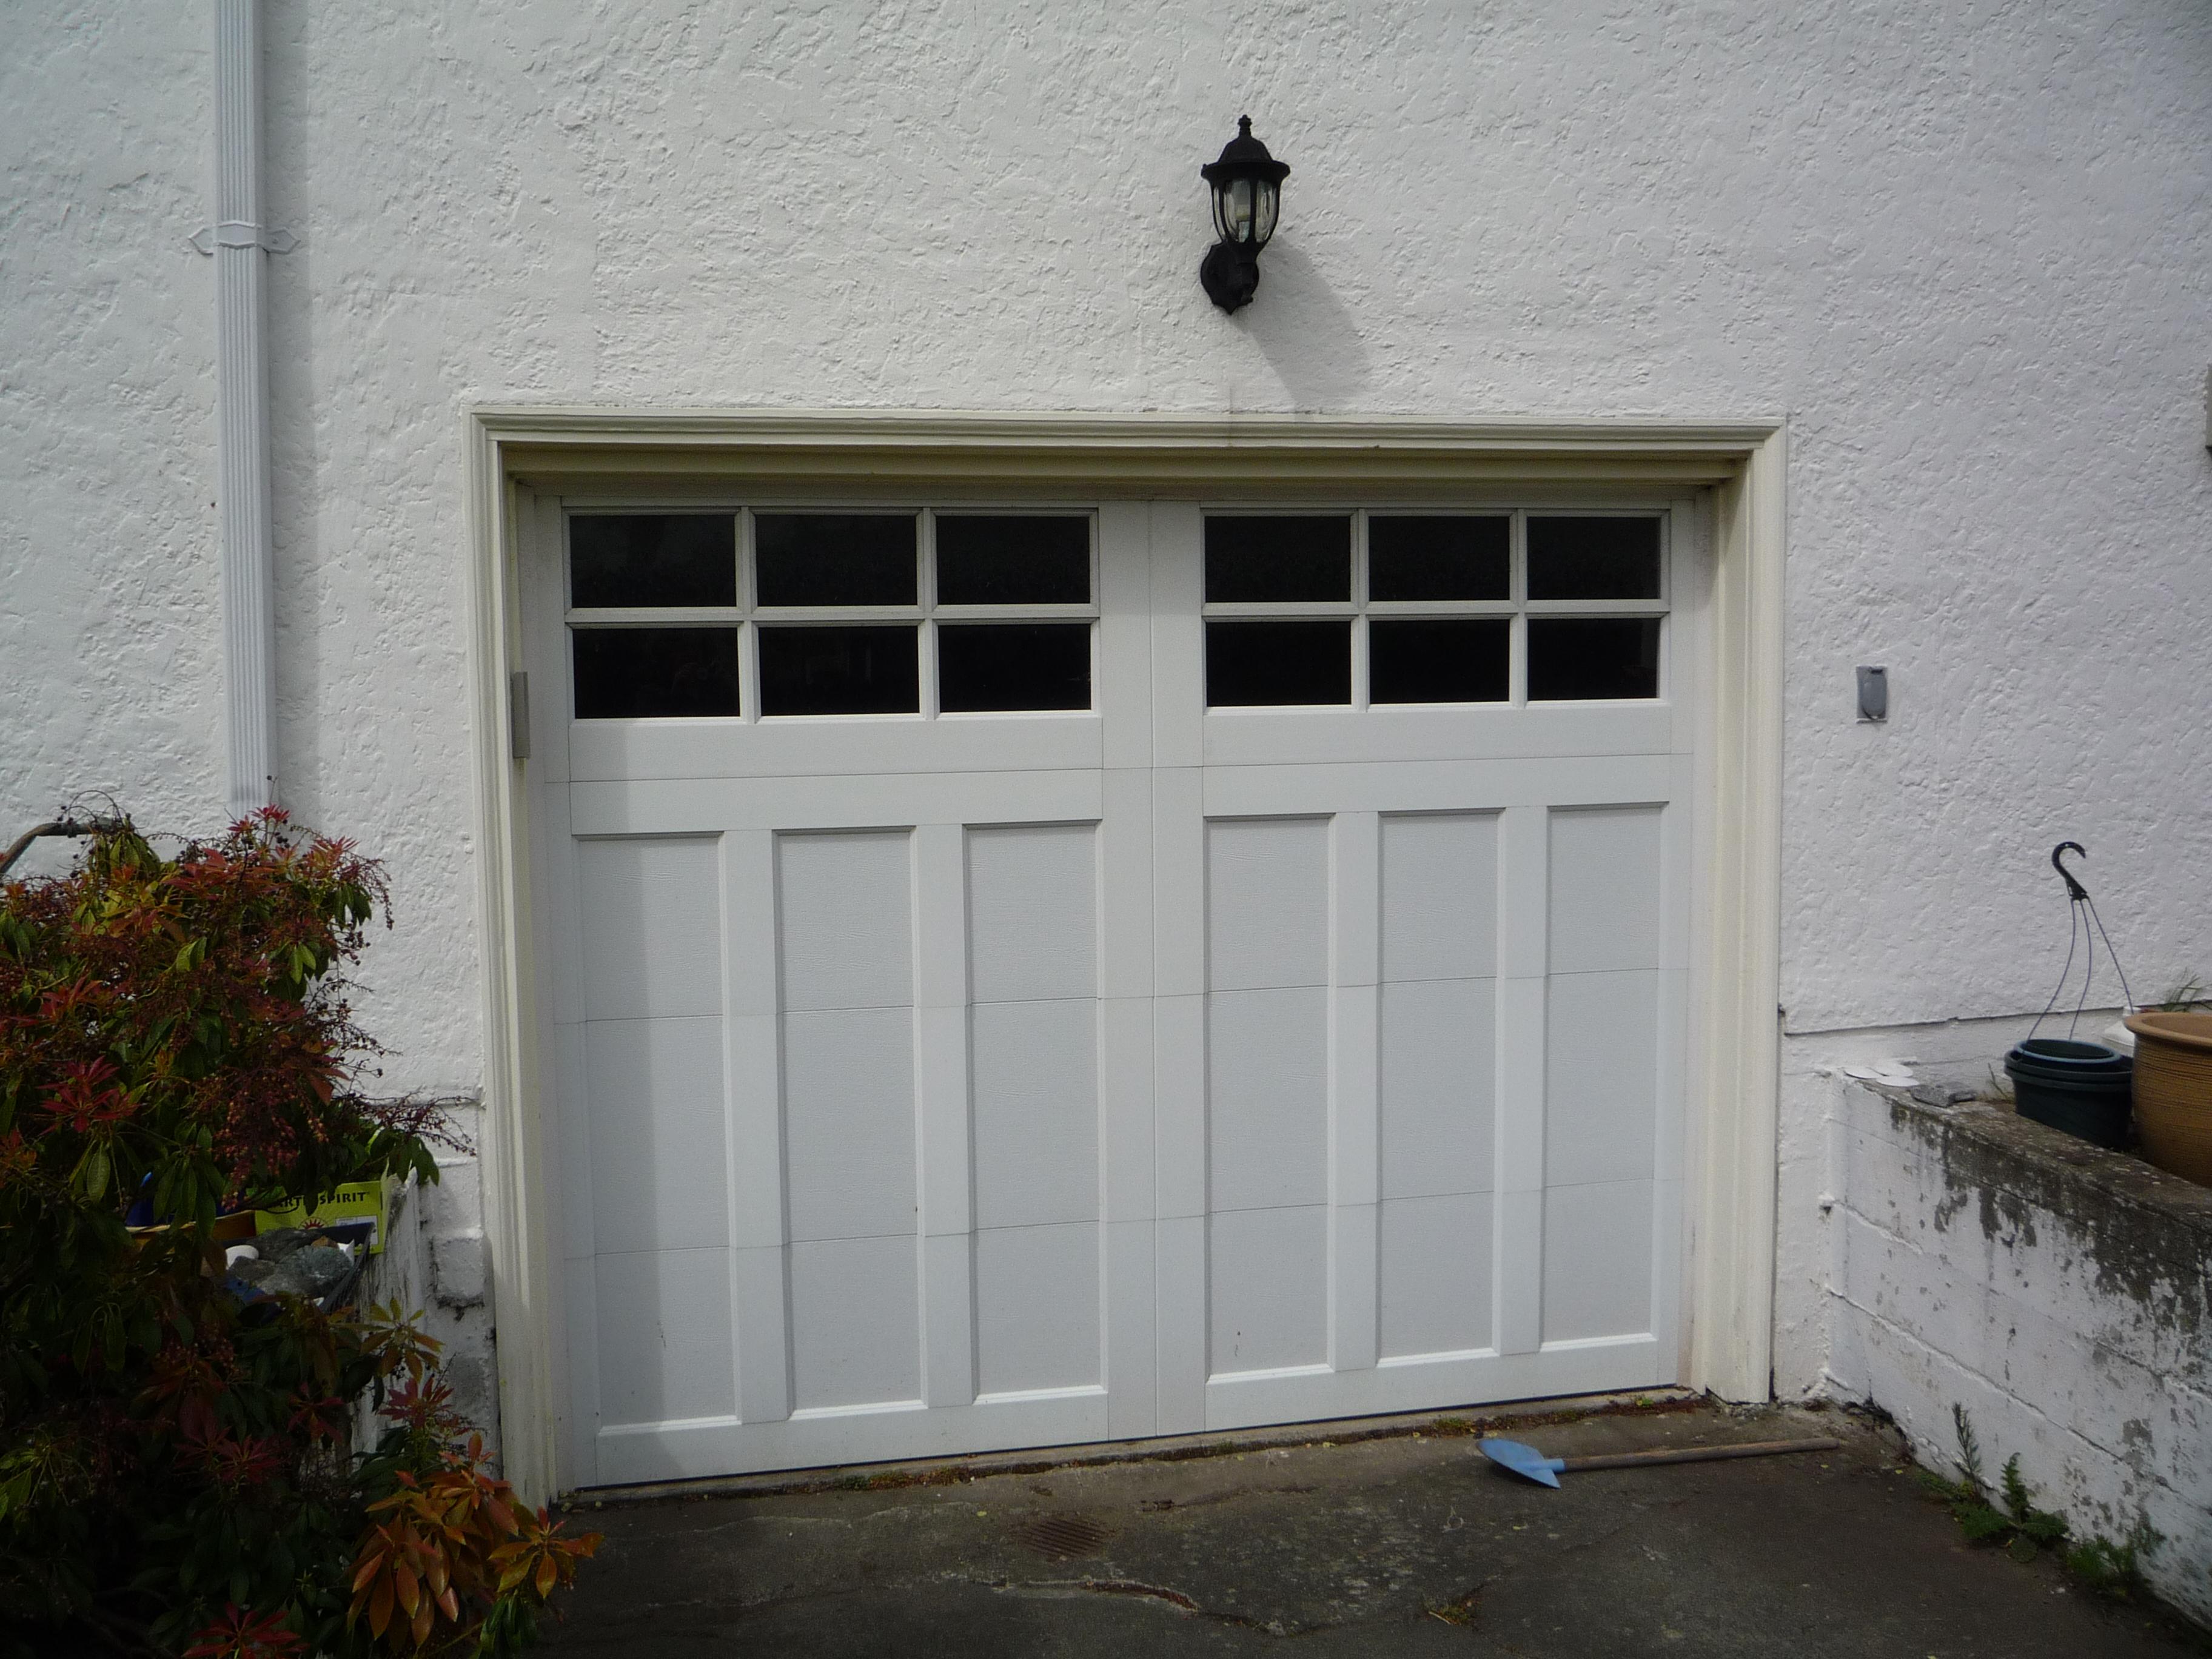 Cc16 Clopay Coachman Door Model 13 With Sq 23 Glass Harbour Door